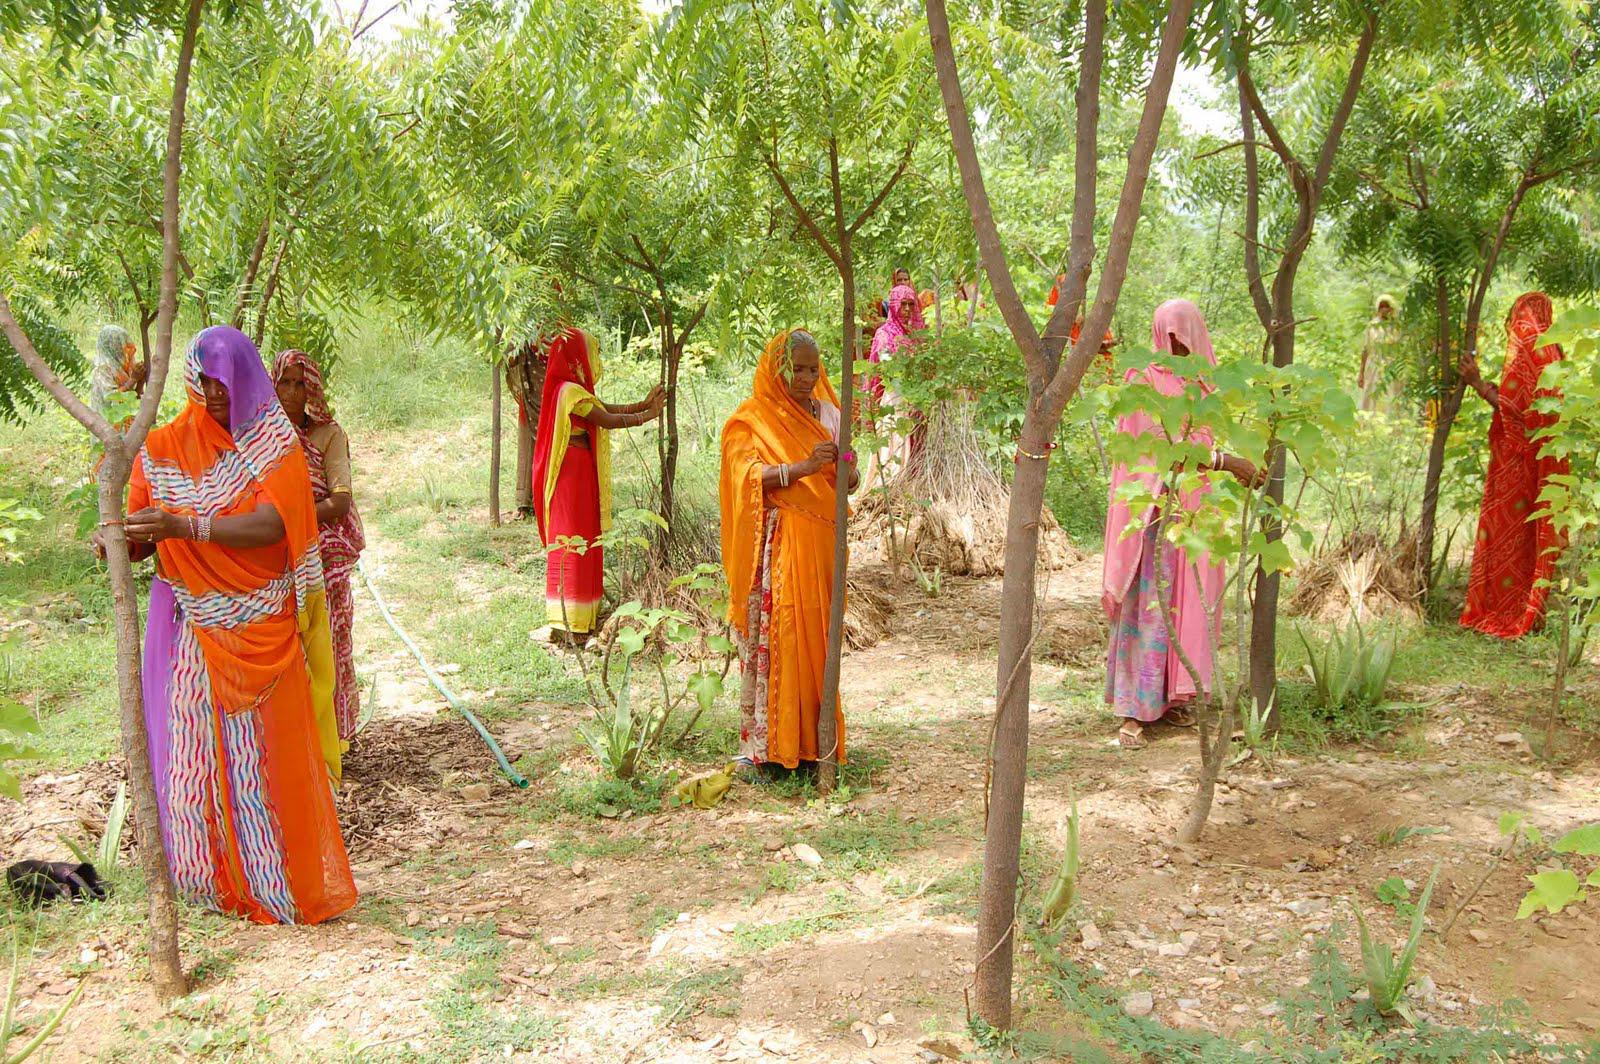 Aldeia indiana comemora cada nascimento de meninas com plantio de 111 árvores